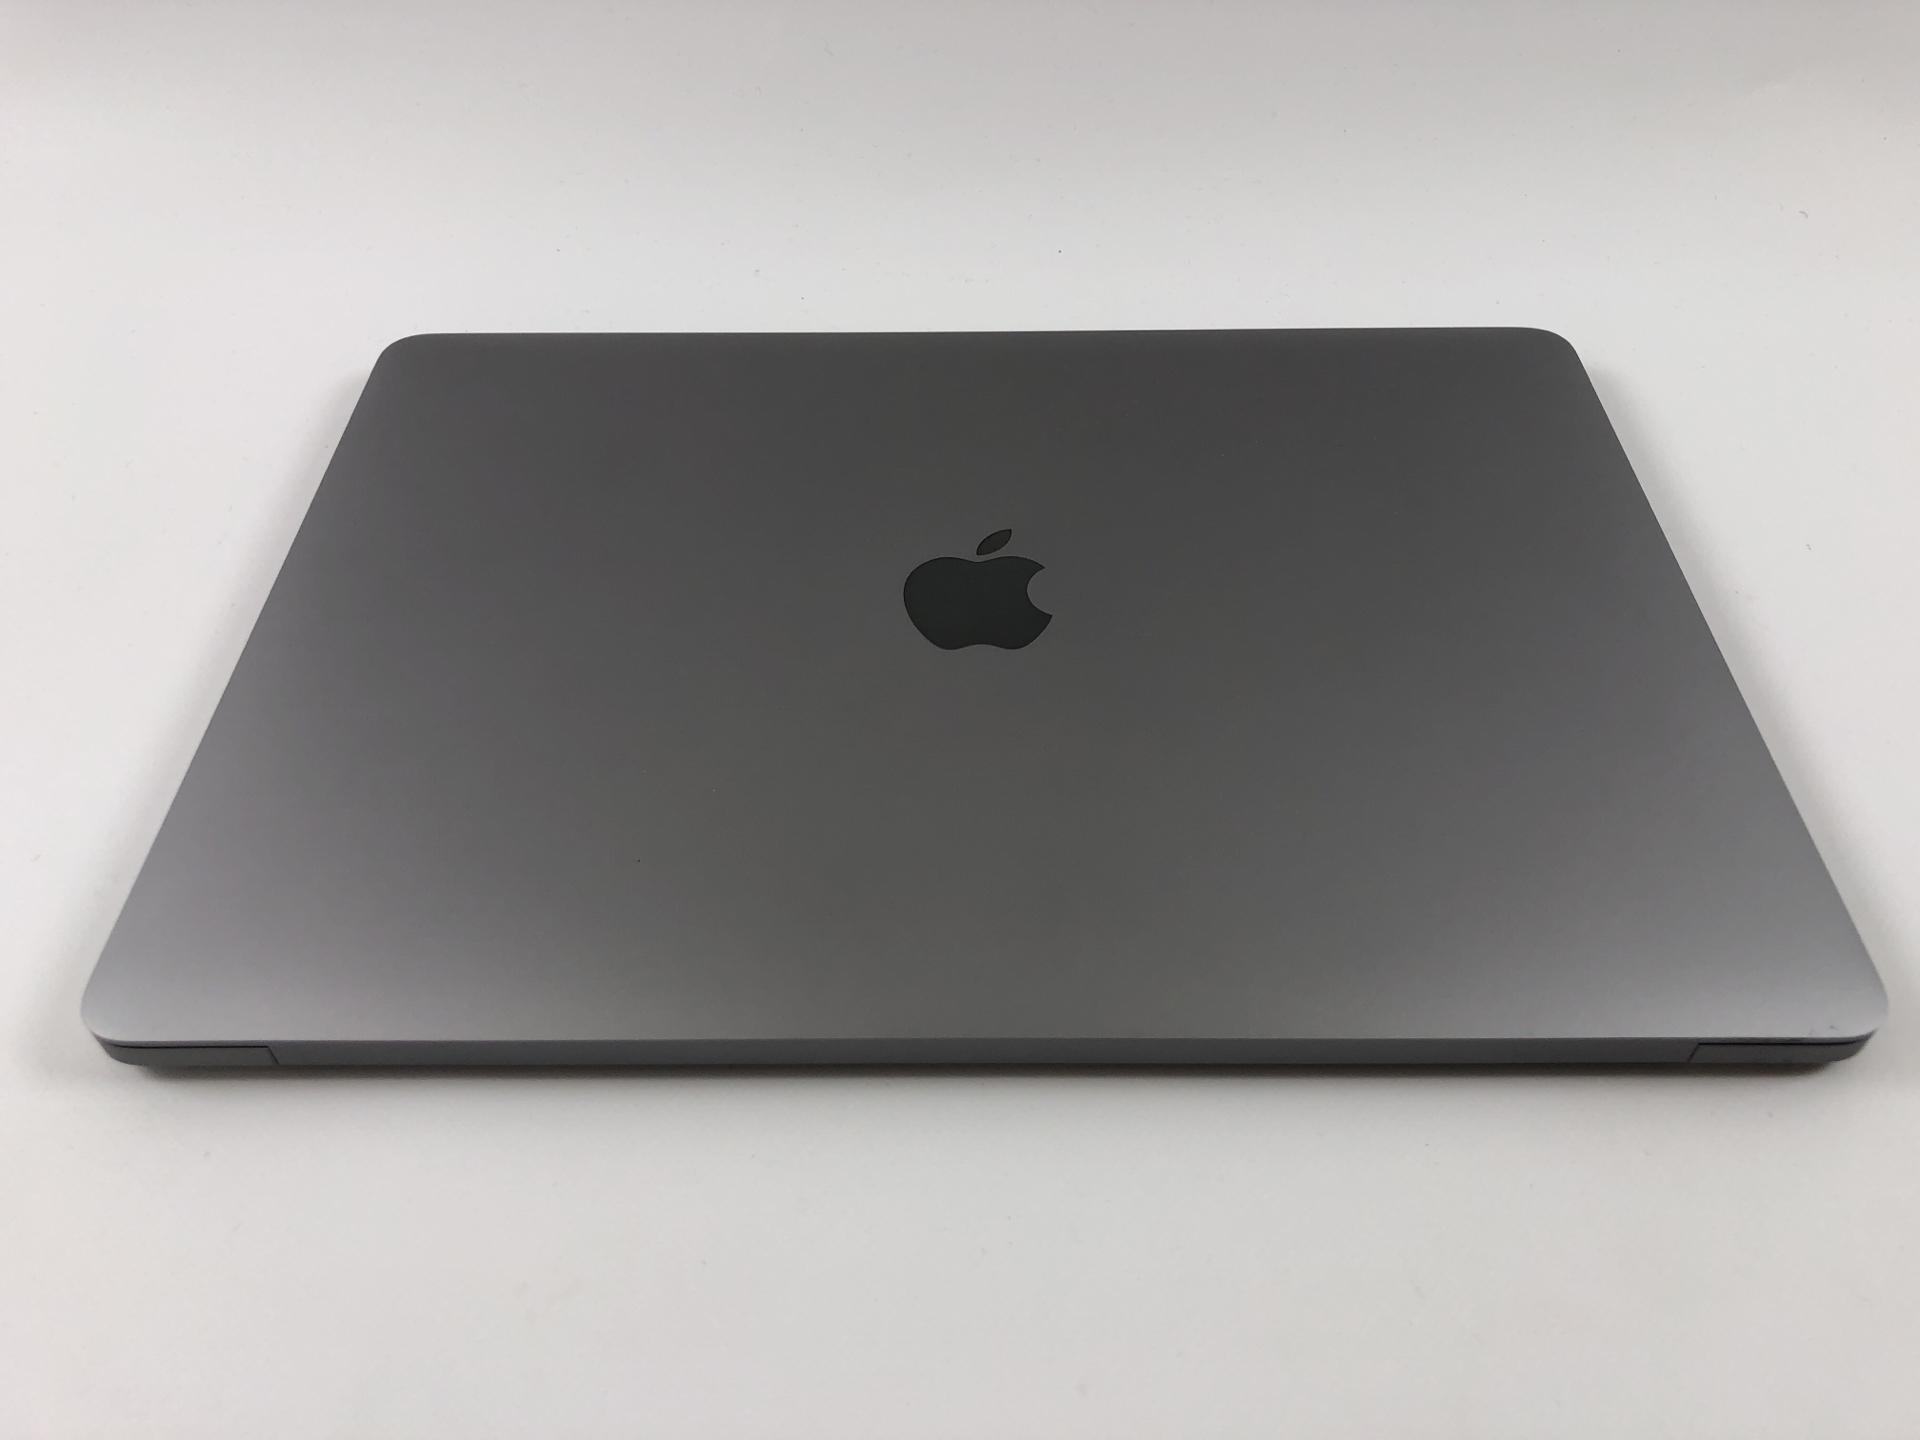 """MacBook Pro 13"""" 4TBT Mid 2018 (Intel Quad-Core i5 2.3 GHz 8 GB RAM 512 GB SSD), Space Gray, Intel Quad-Core i5 2.3 GHz, 8 GB RAM, 512 GB SSD, bild 2"""